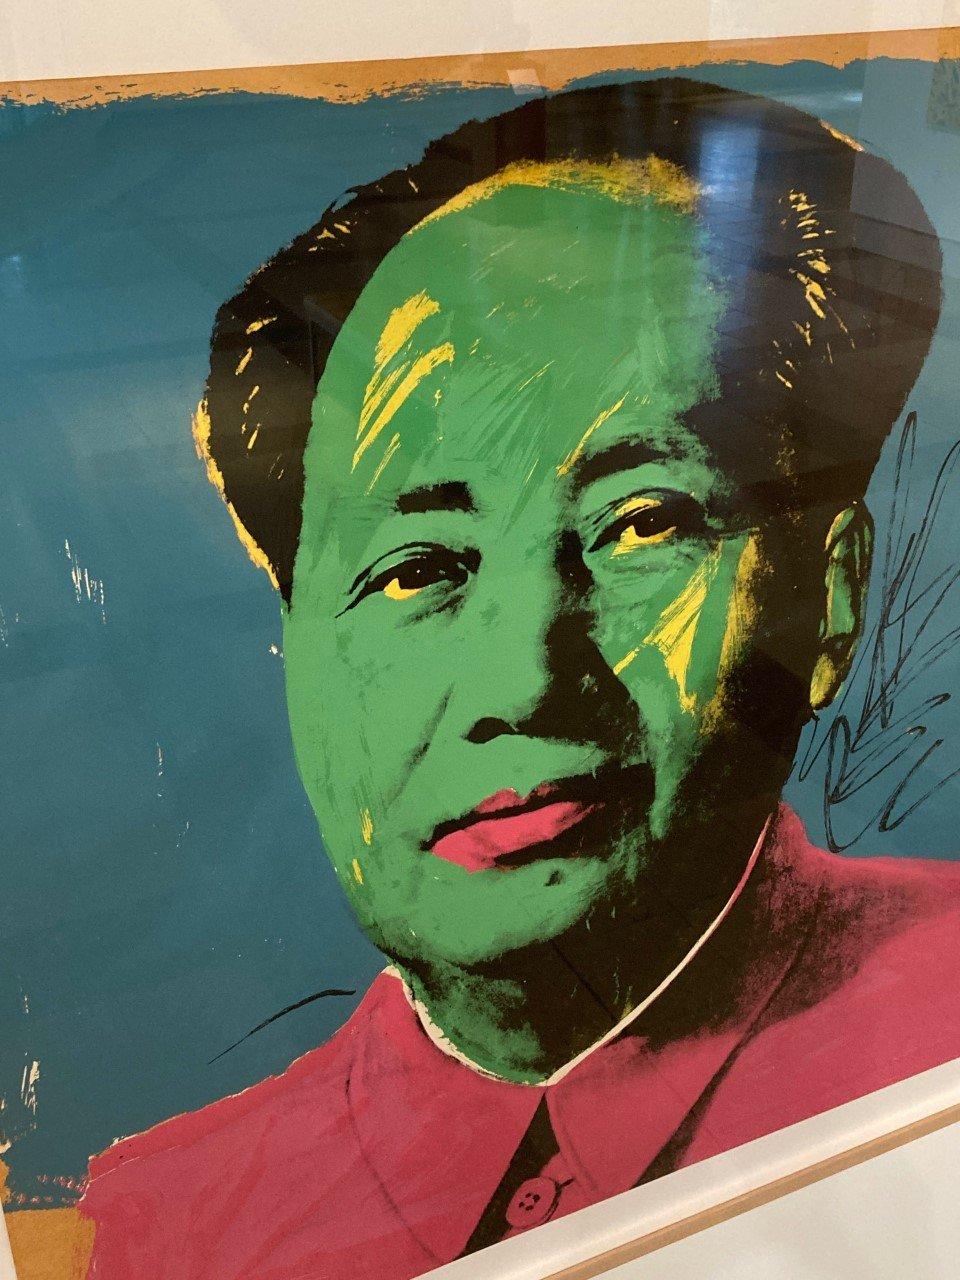 Andy Warhol, Mao, detail, set of 10, 1972. Silkscreen on paper. Cummer Museum of Art and Gardens.